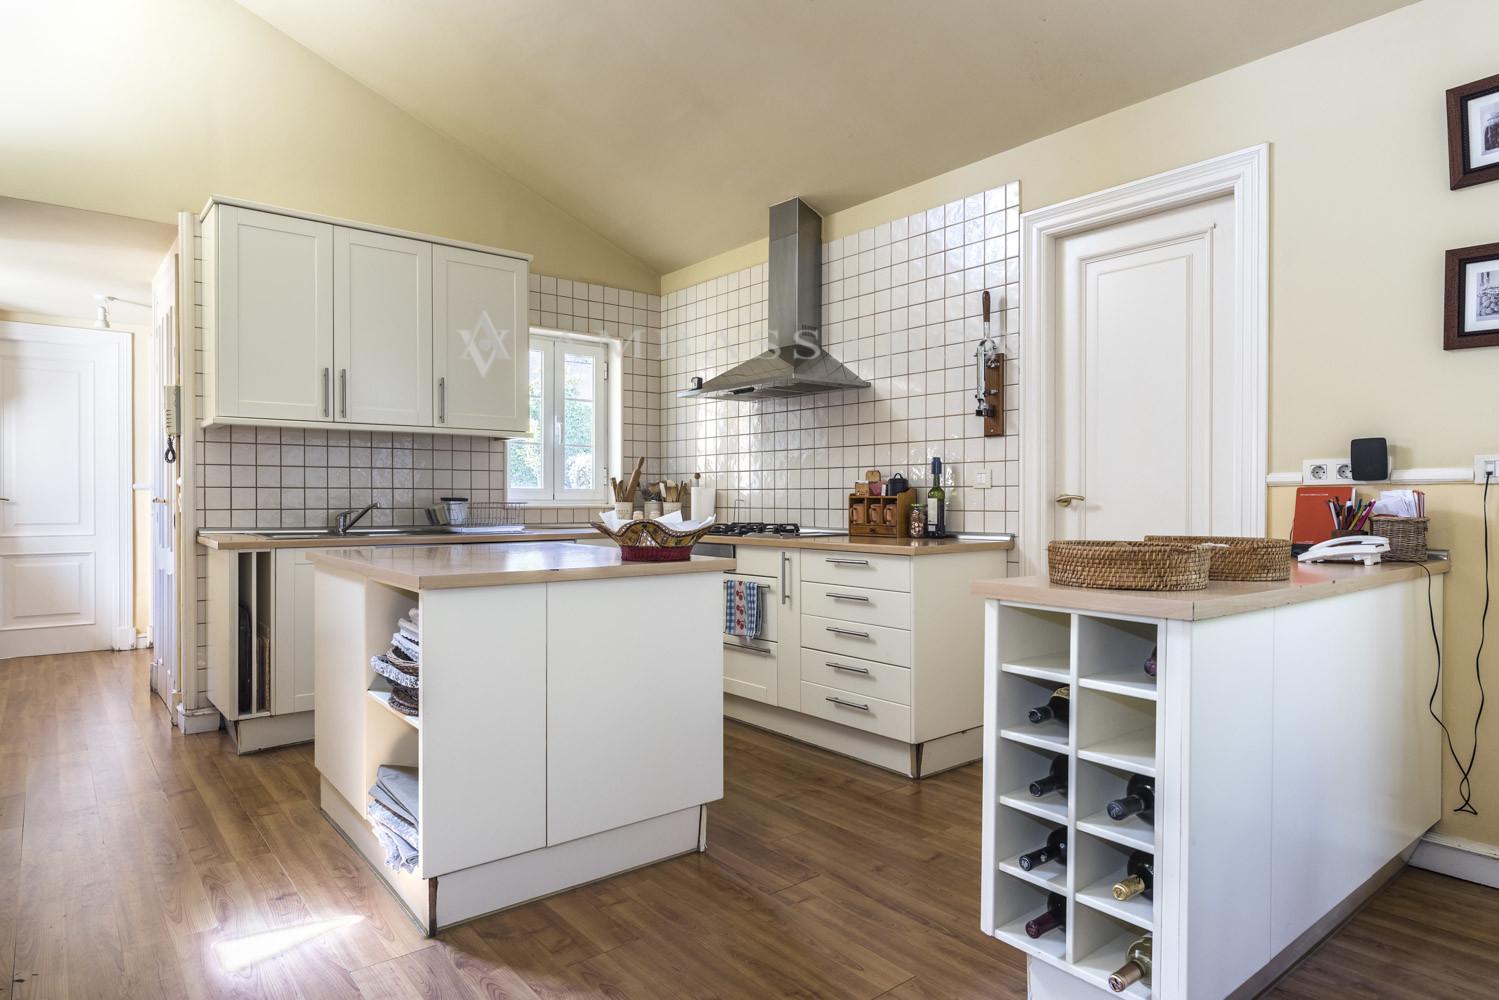 La cocina con zona de office.